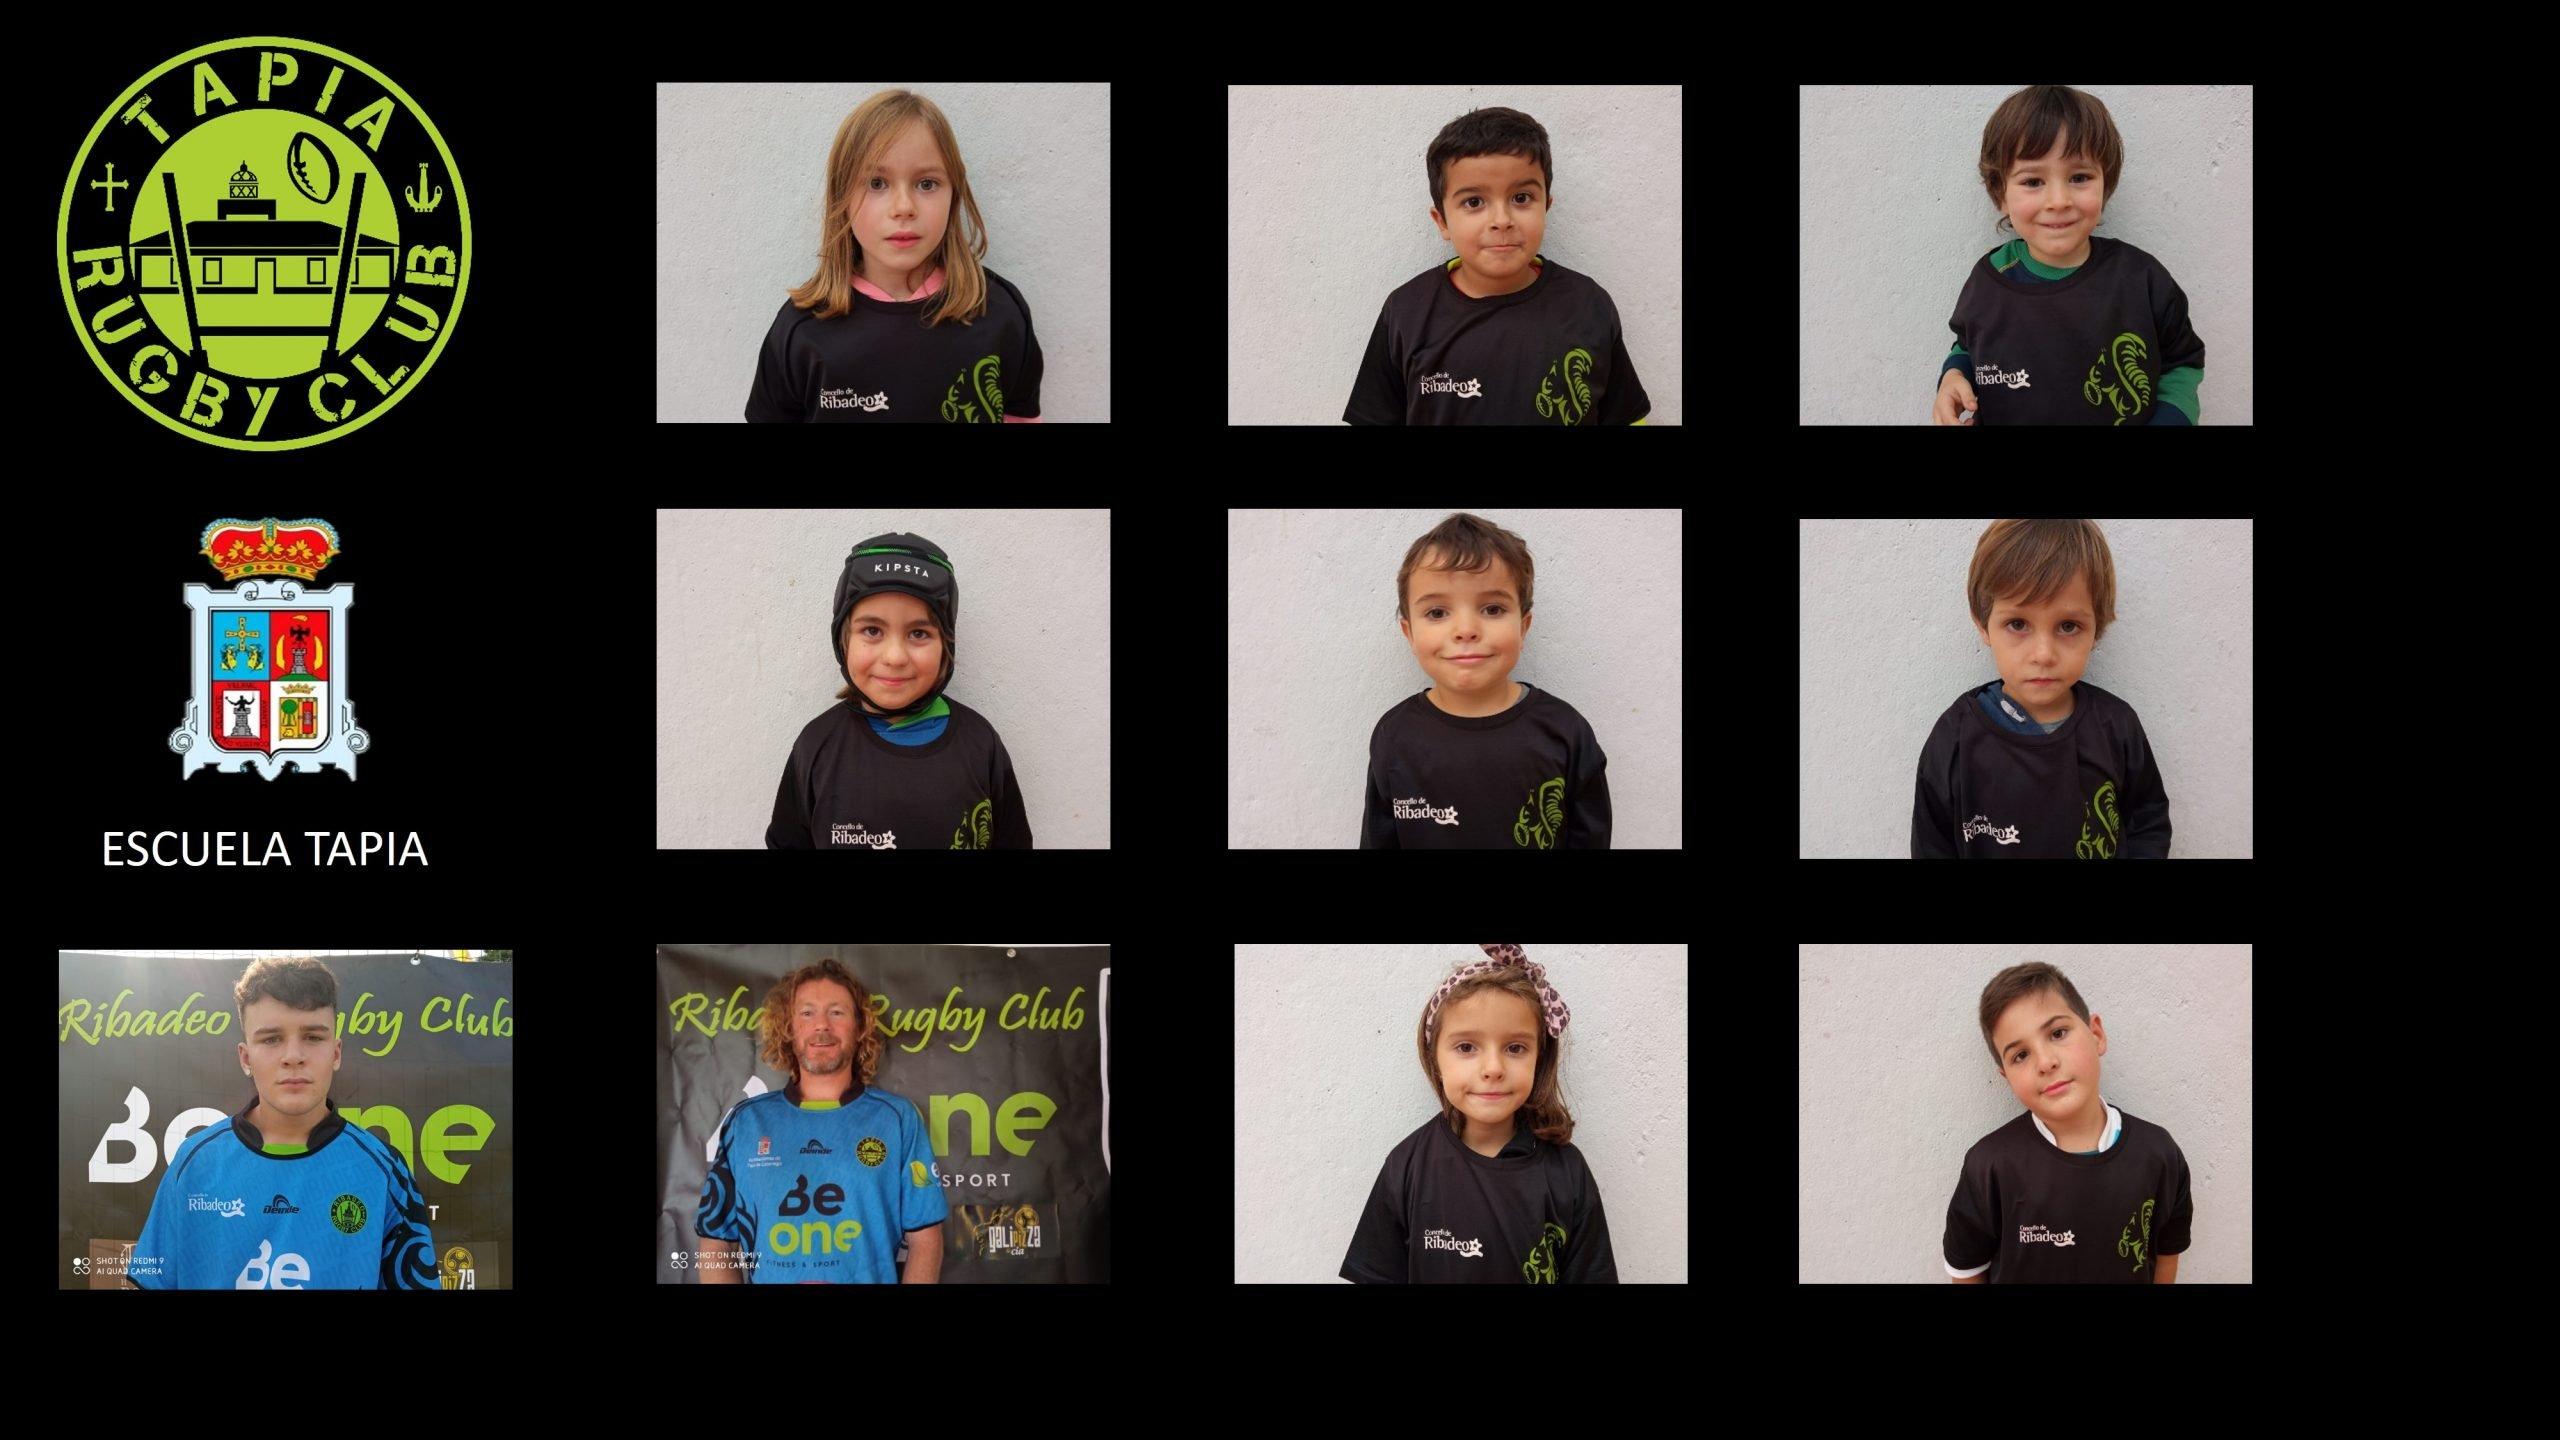 El Beone Rugby se expande por A Mariña y el Occidente de Asturias